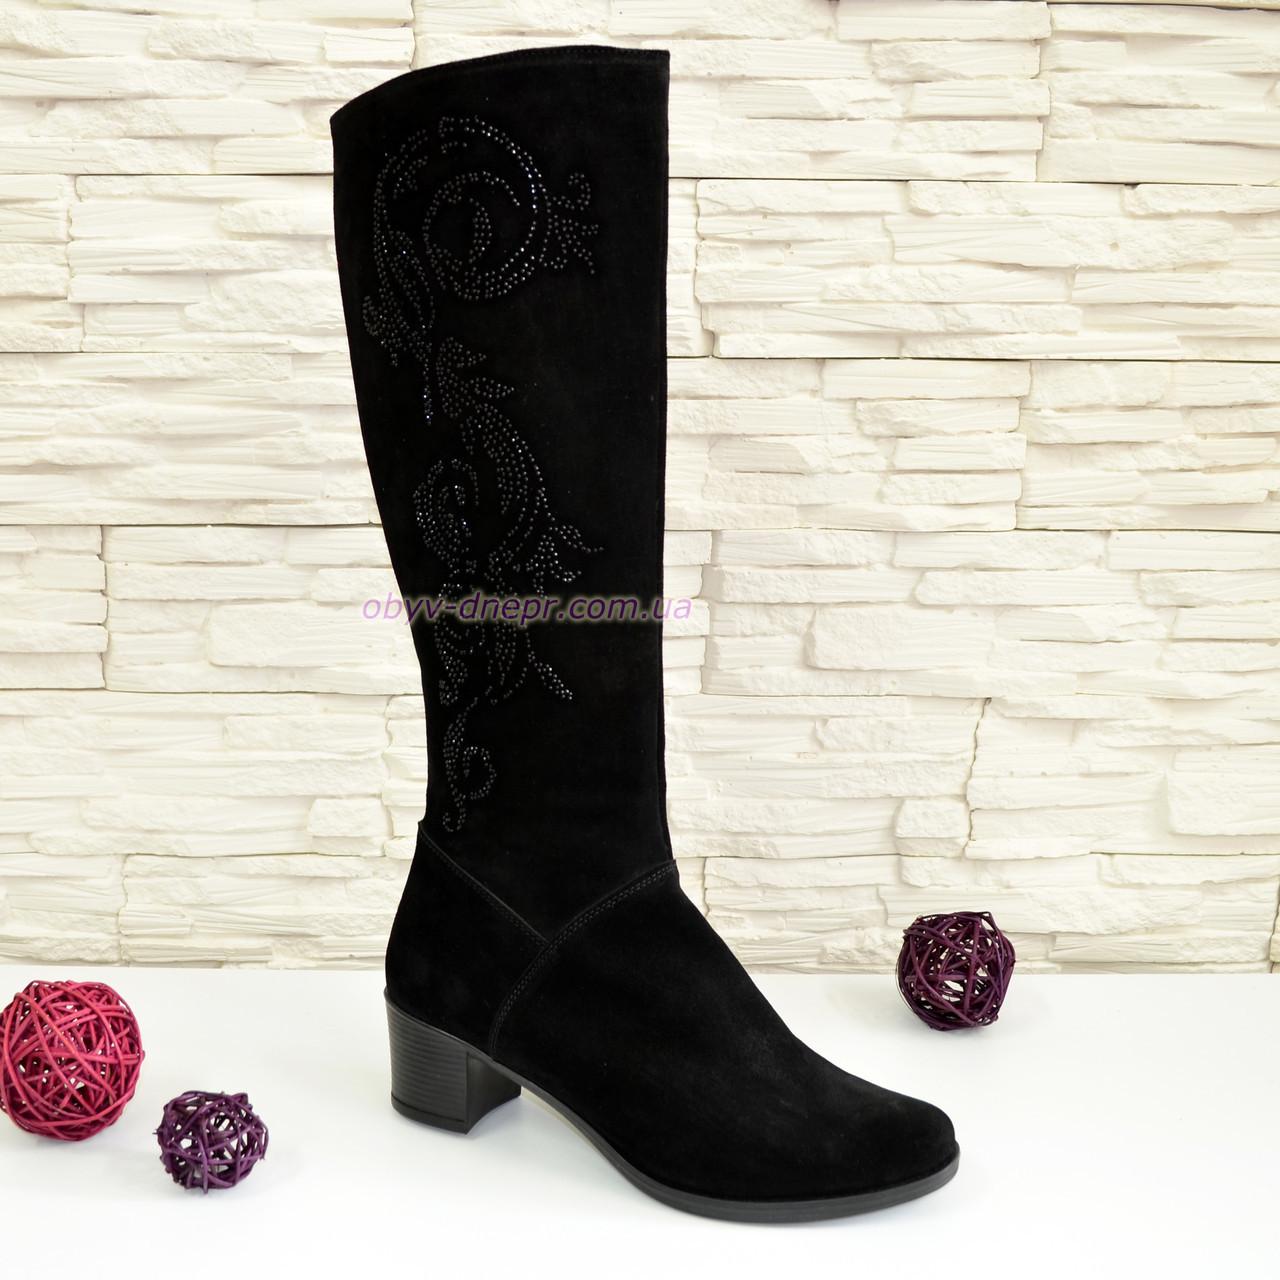 Сапоги замшевые классические зимние женские на каблуке, декорированы накаткой камней.